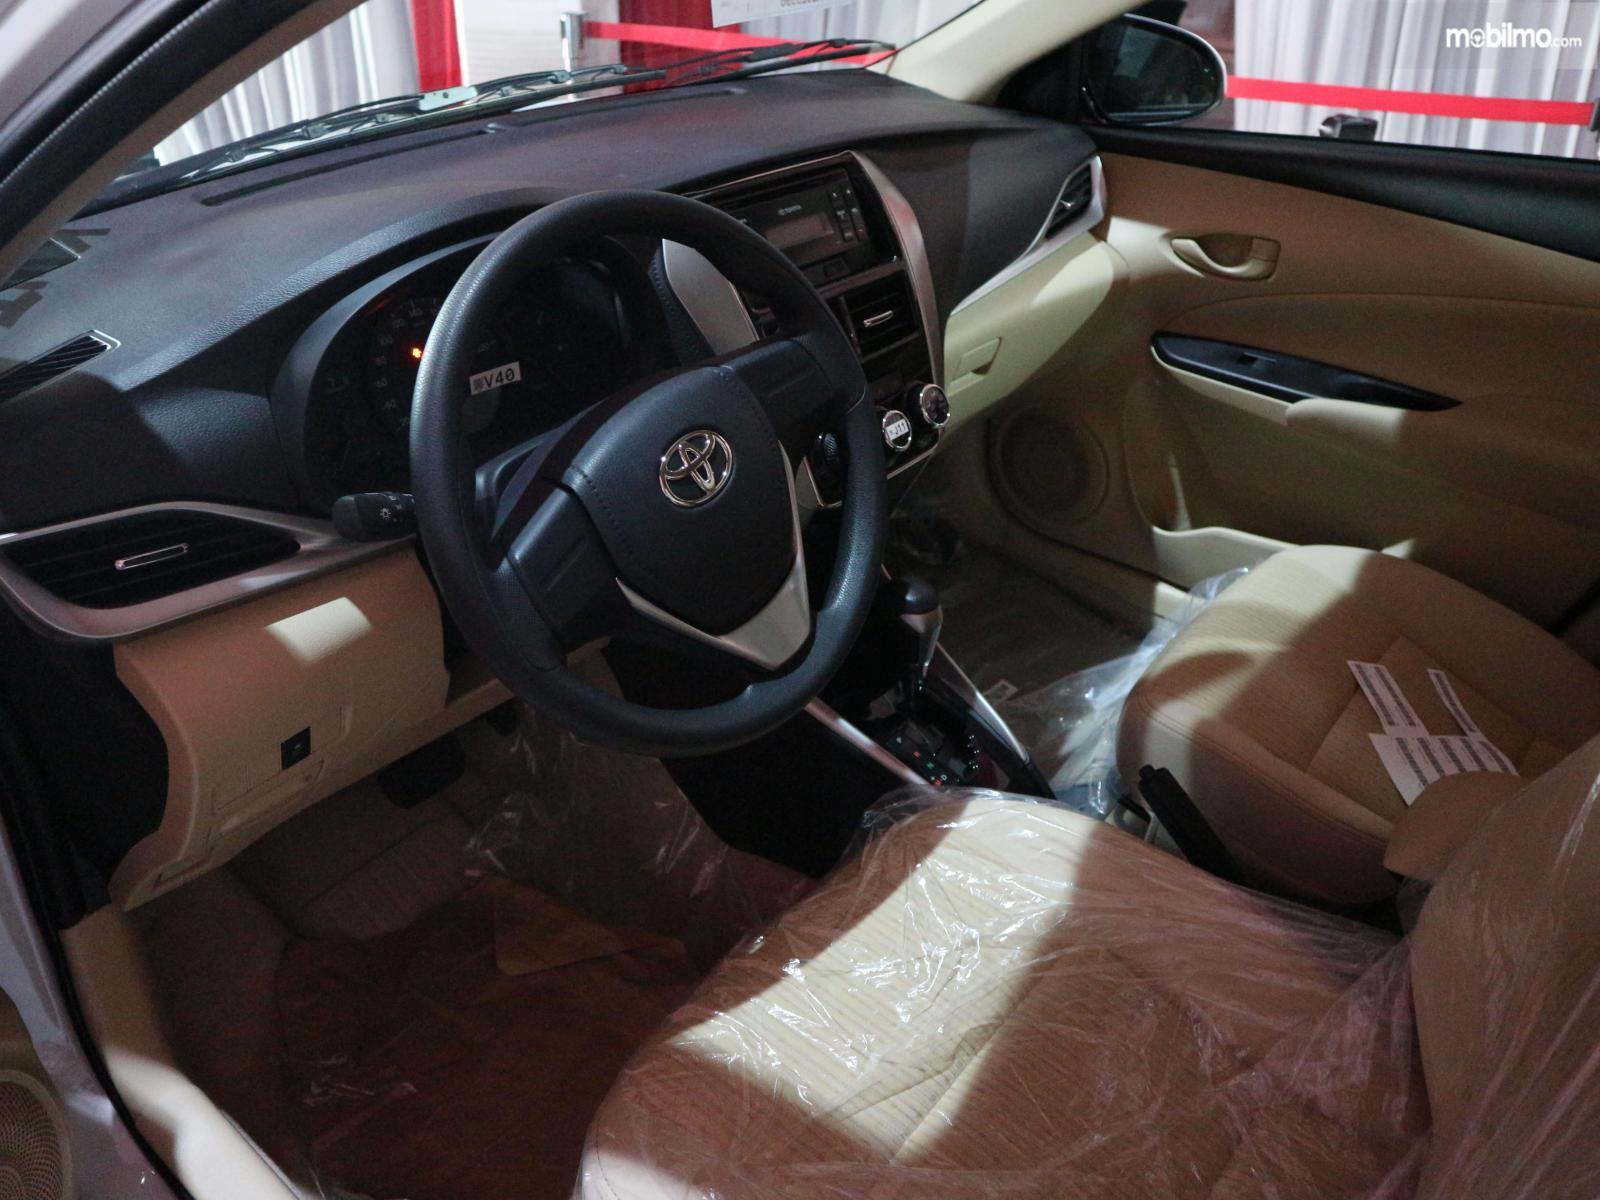 Gambar menunjukkan Layout dasbor sebuah Toyota Vios 2019 versi ekspor